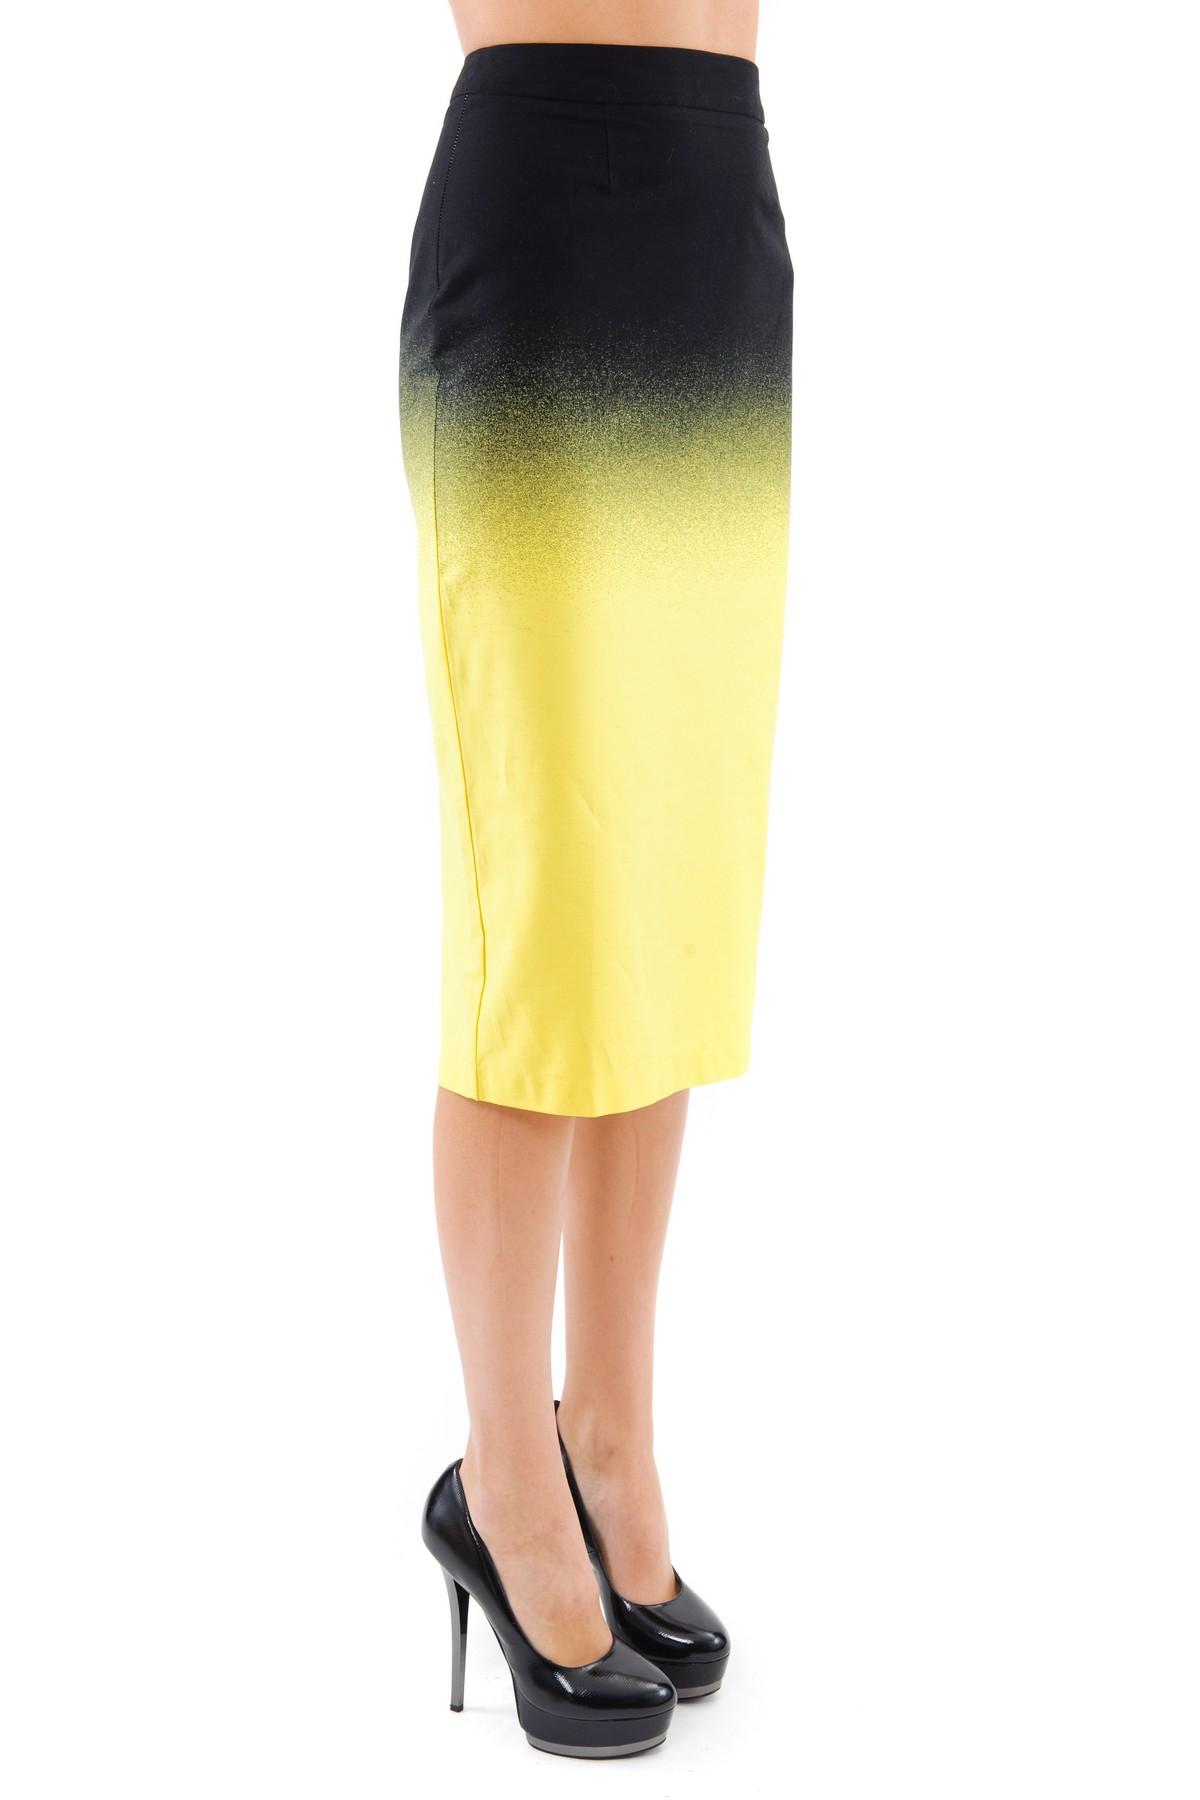 ЮбкаЖенские юбки и брюки<br>Элегантная юбка-карандаш средней длины чуть ниже колена, благодаря лаконичному облегающему крою, смотрится очень изысканно.  Выполнена из ткани с эффектом градуированного перехода цвета – «деграде». Потрясающая и стильная, эта юбочка украсит гардероб совр<br><br>Цвет: черный,желтый<br>Состав: 97% хлопок 3% лайкра<br>Размер: 58<br>Страна дизайна: Россия<br>Страна производства: Россия